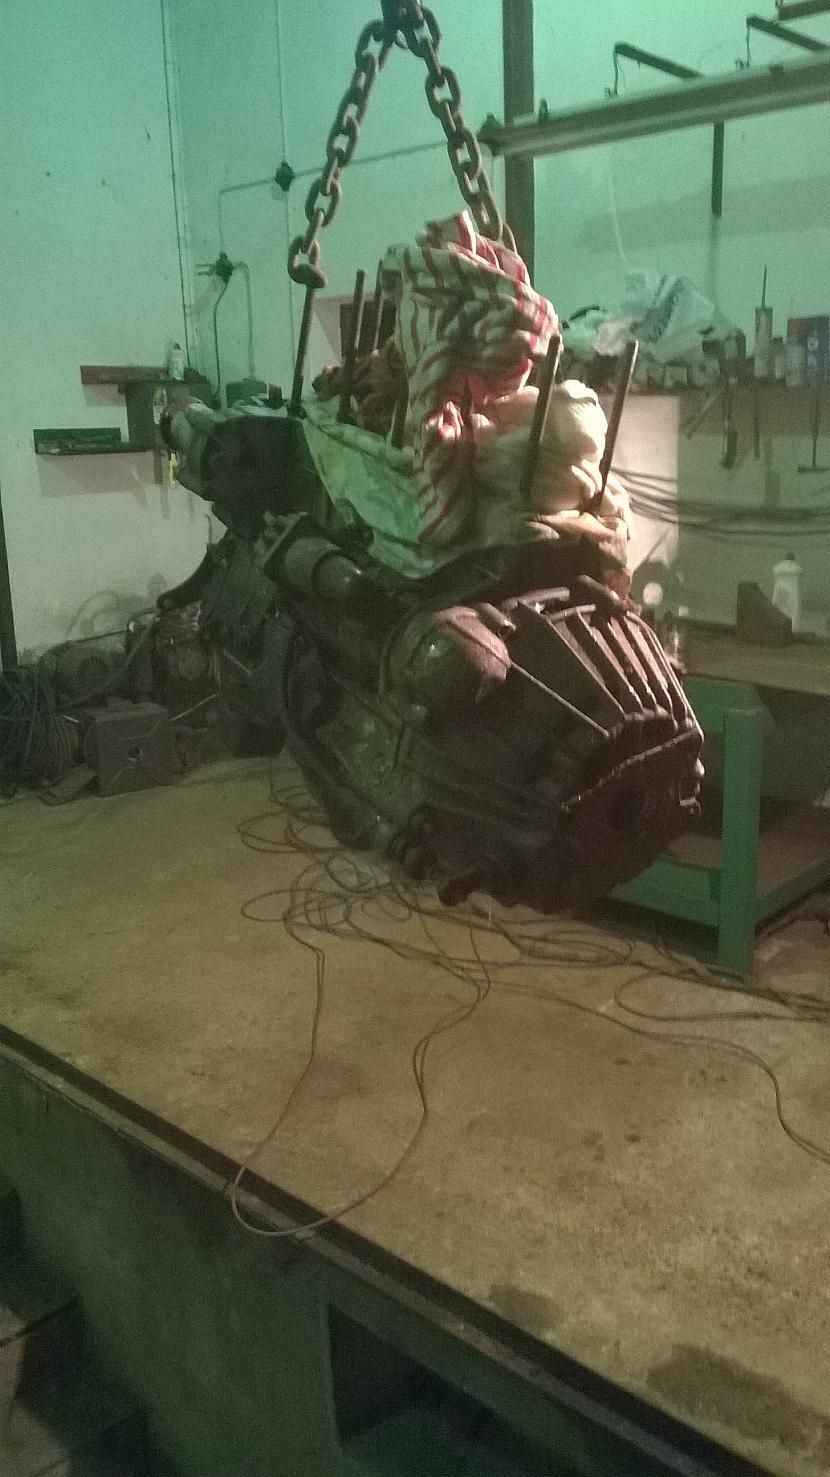 Motoreli izcēlām nolaidām lejā... Autors: jankus22 Moskvich 2140 celšana gaisā 2